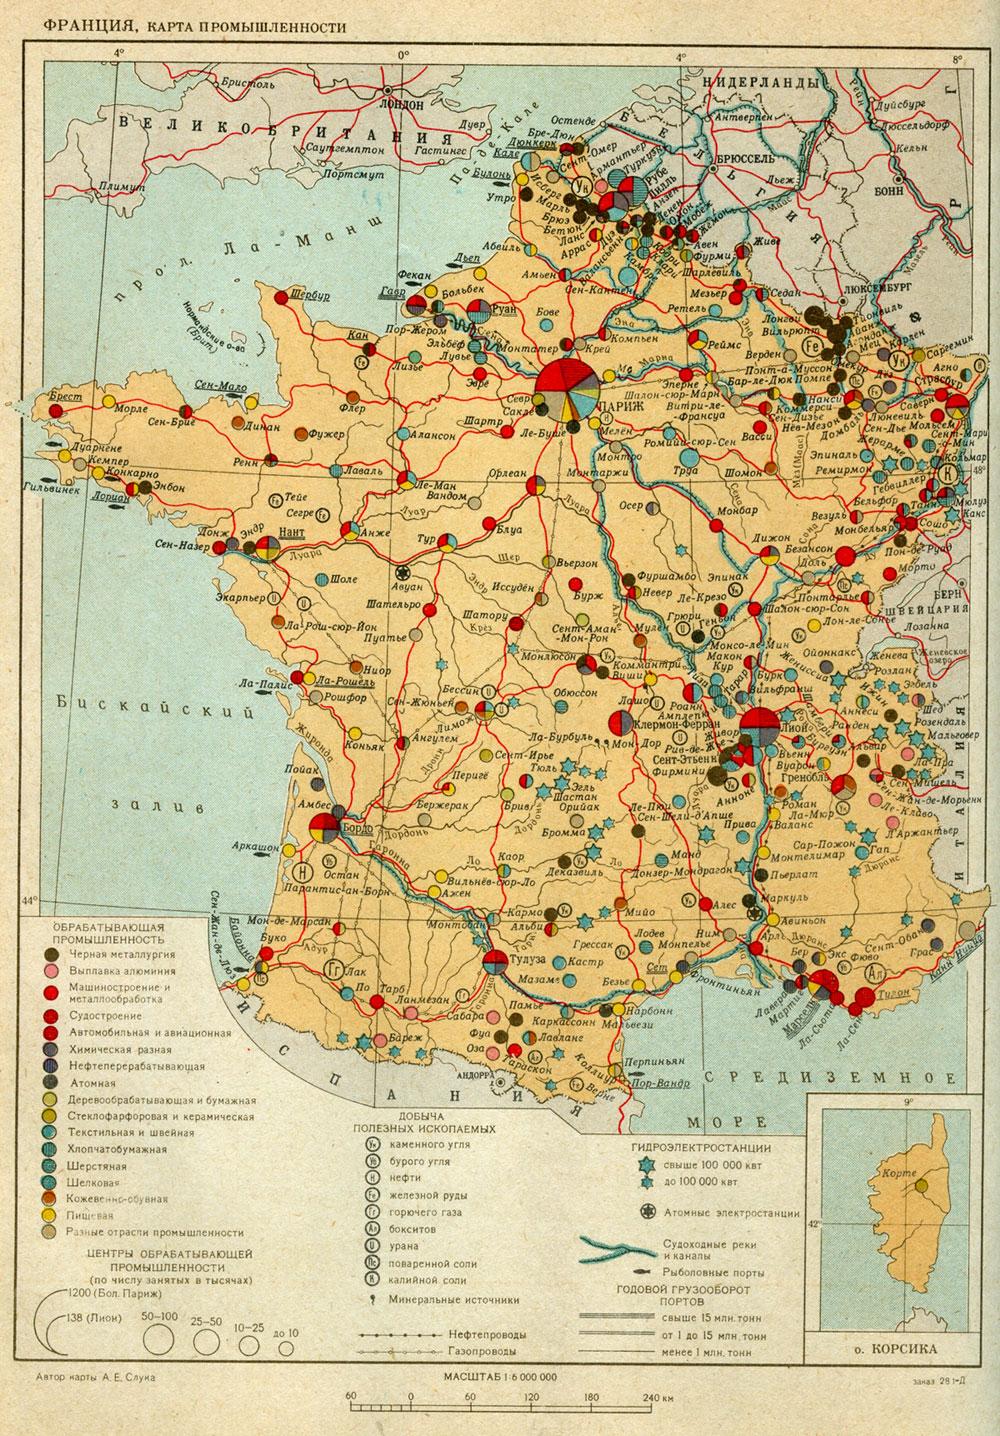 Франция карта промышленности